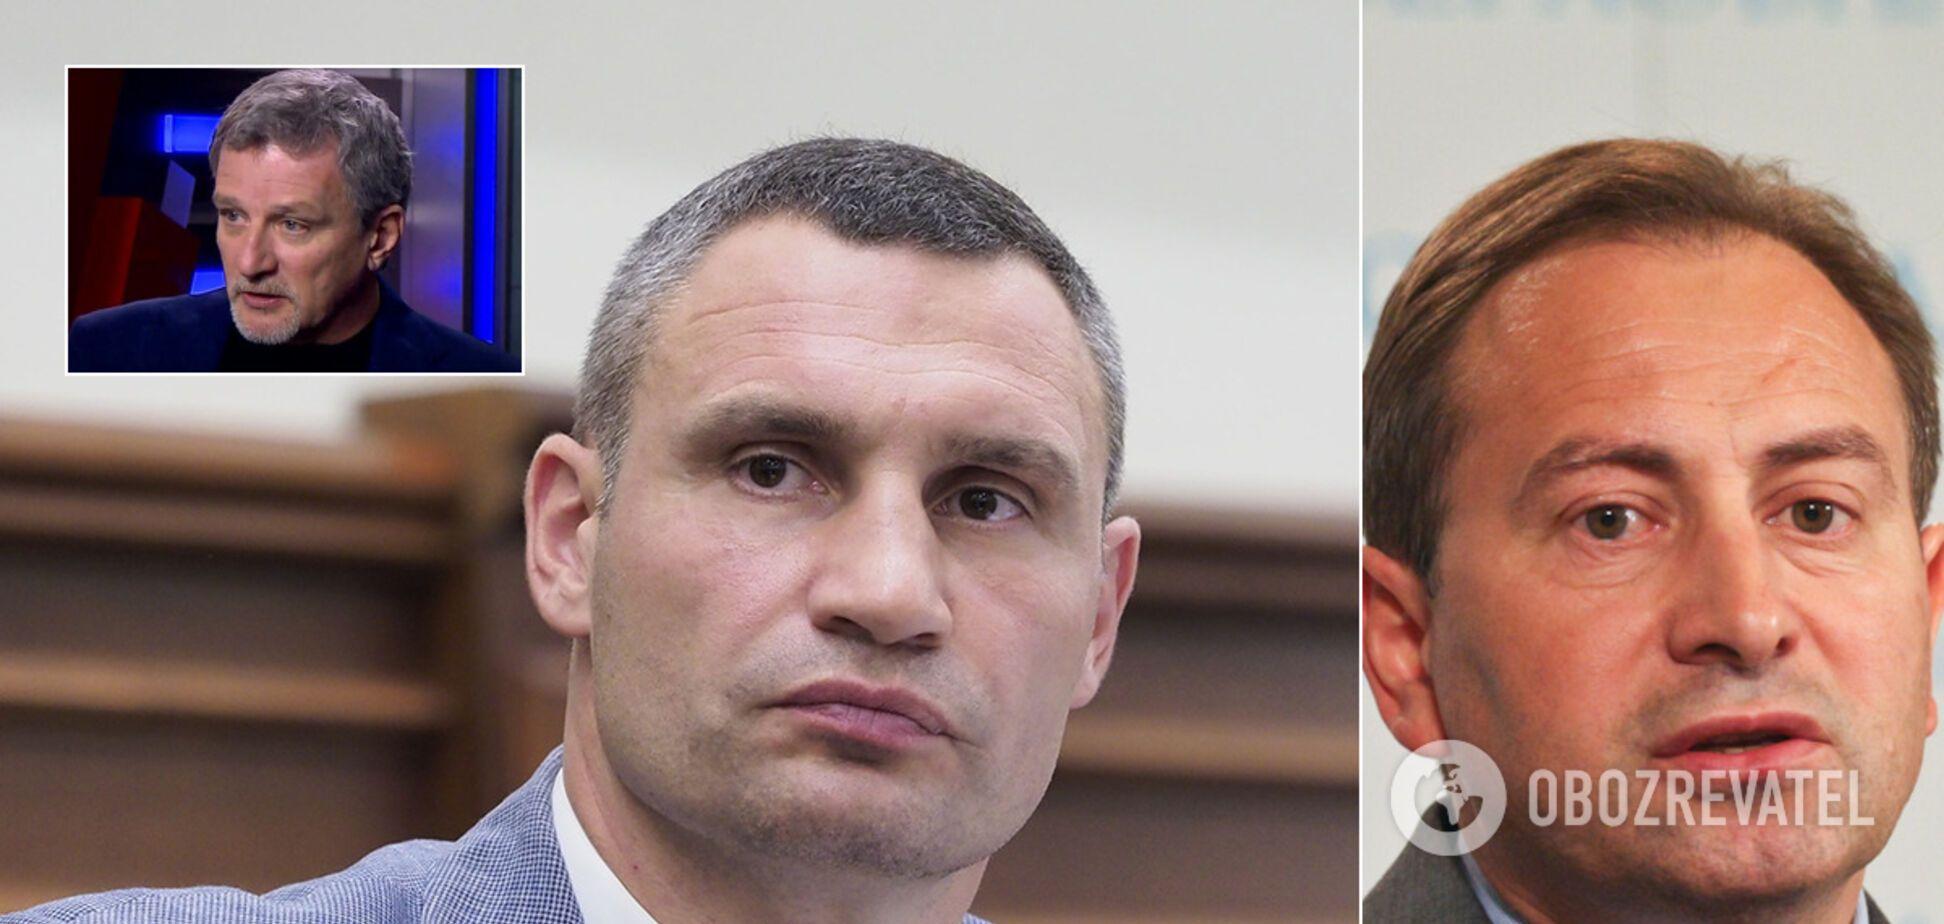 Кличко, Томенко и Пальчевский возглавили мэрский рейтинг в Киеве: что это значит